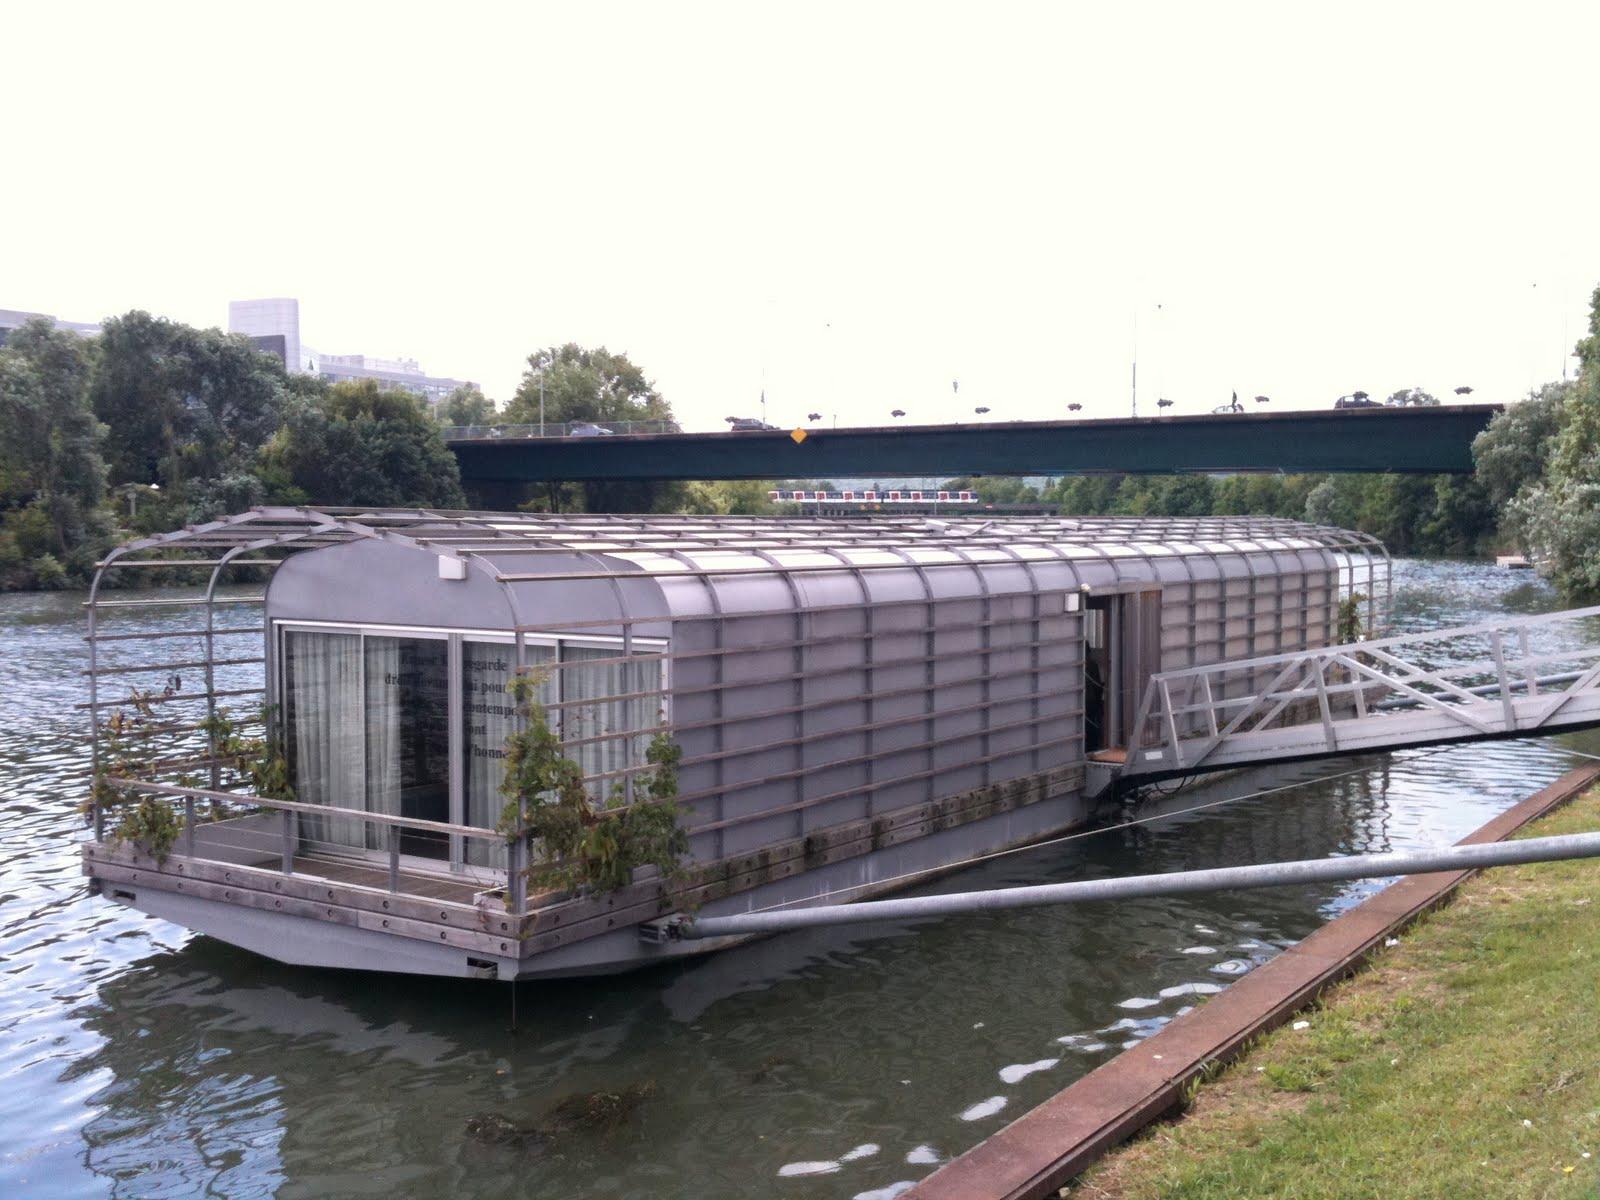 Inspiration level zero maison flottante bouroullec for Maison flottante